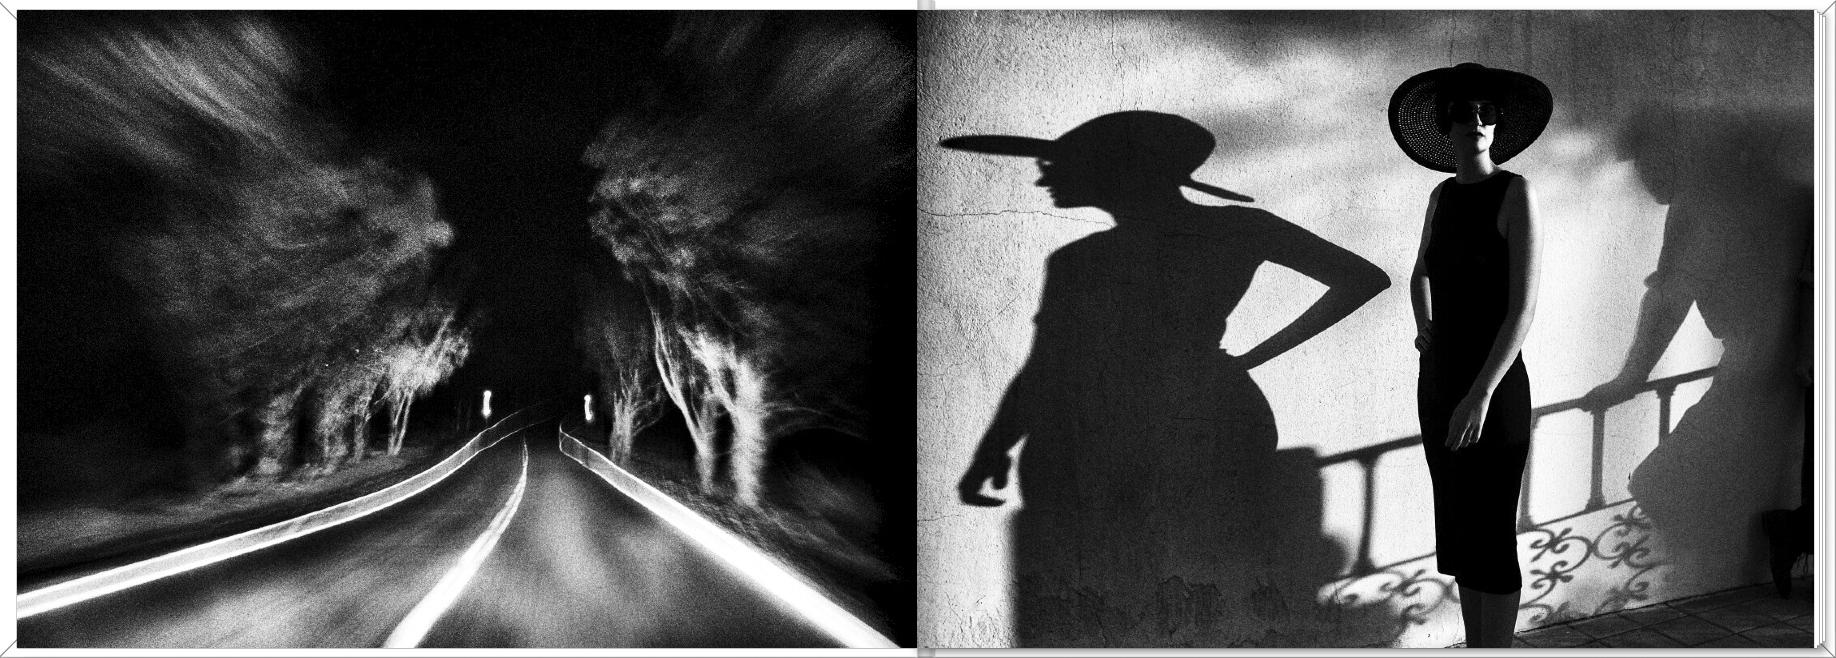 Un lugar justo en el sur - carlos escudero foto, un lugar justo en el sur, libro fotografía blanco y negro, reportaje, viaje almeria